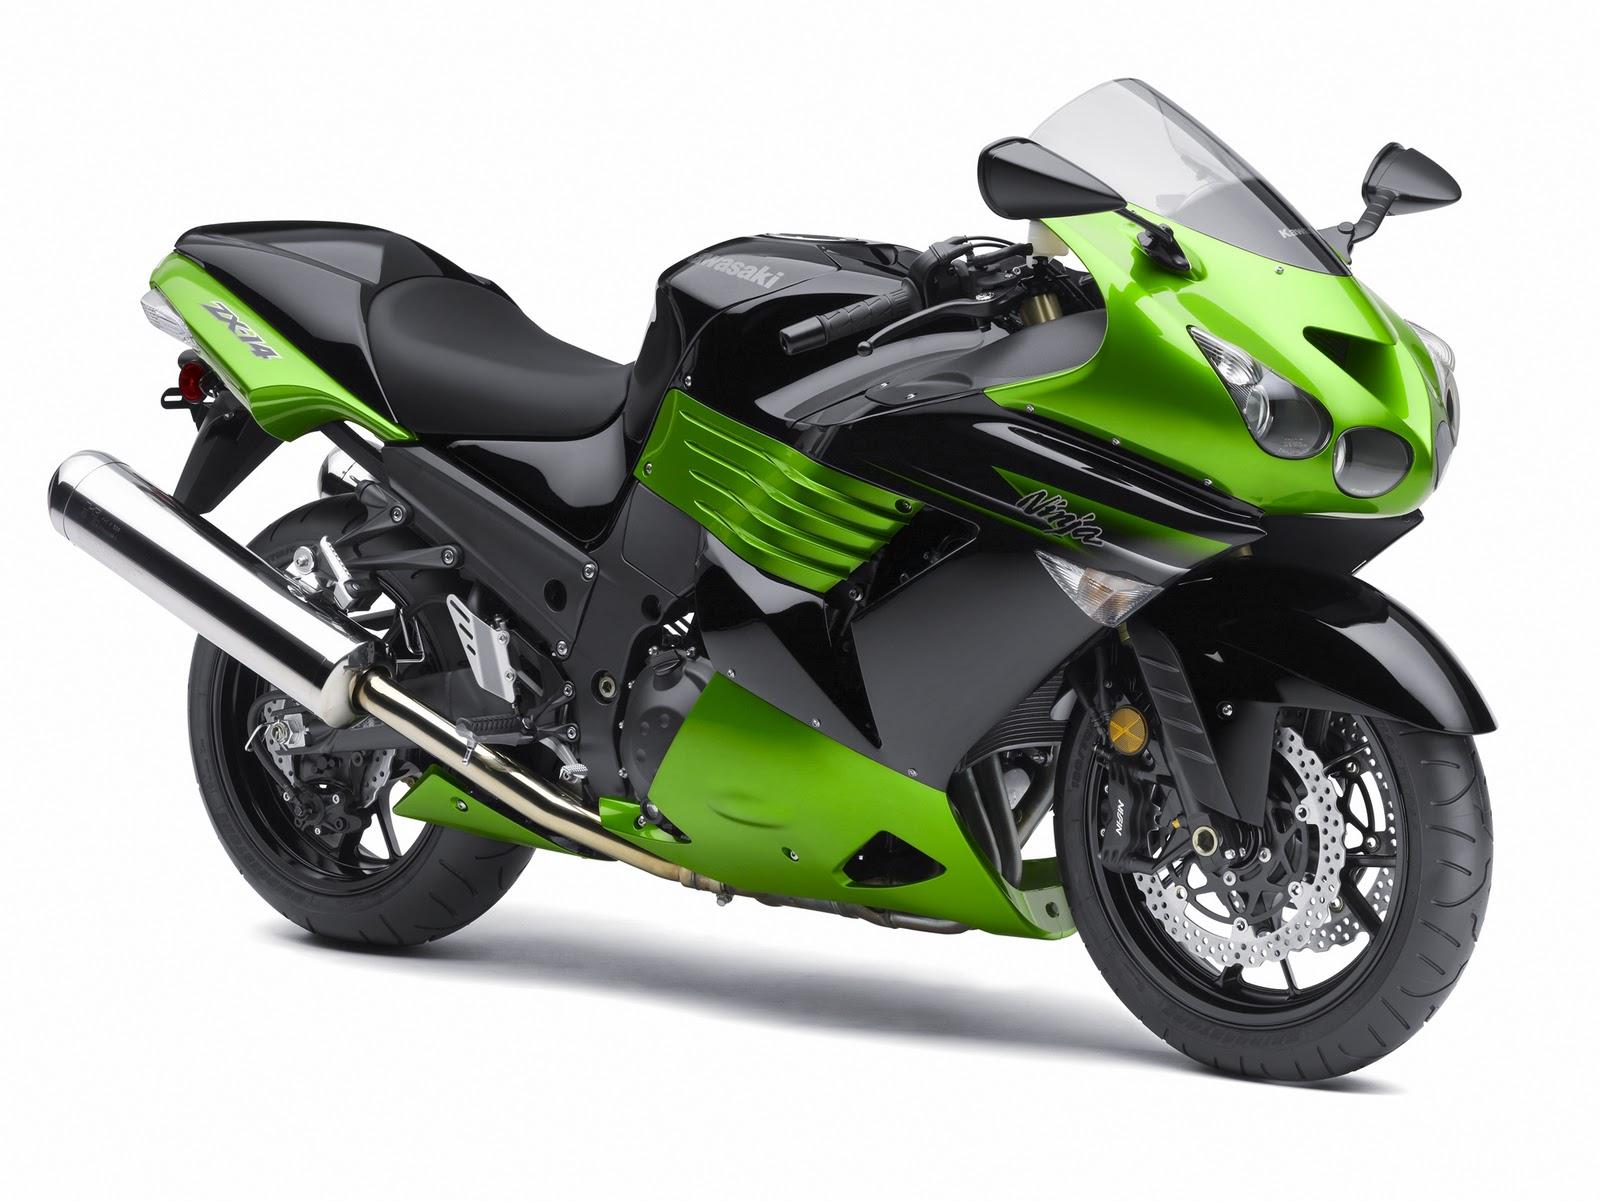 Kawasaki Introduce 2011 Kawasaki Ninja ZX-14 ~ Motor Sport ...